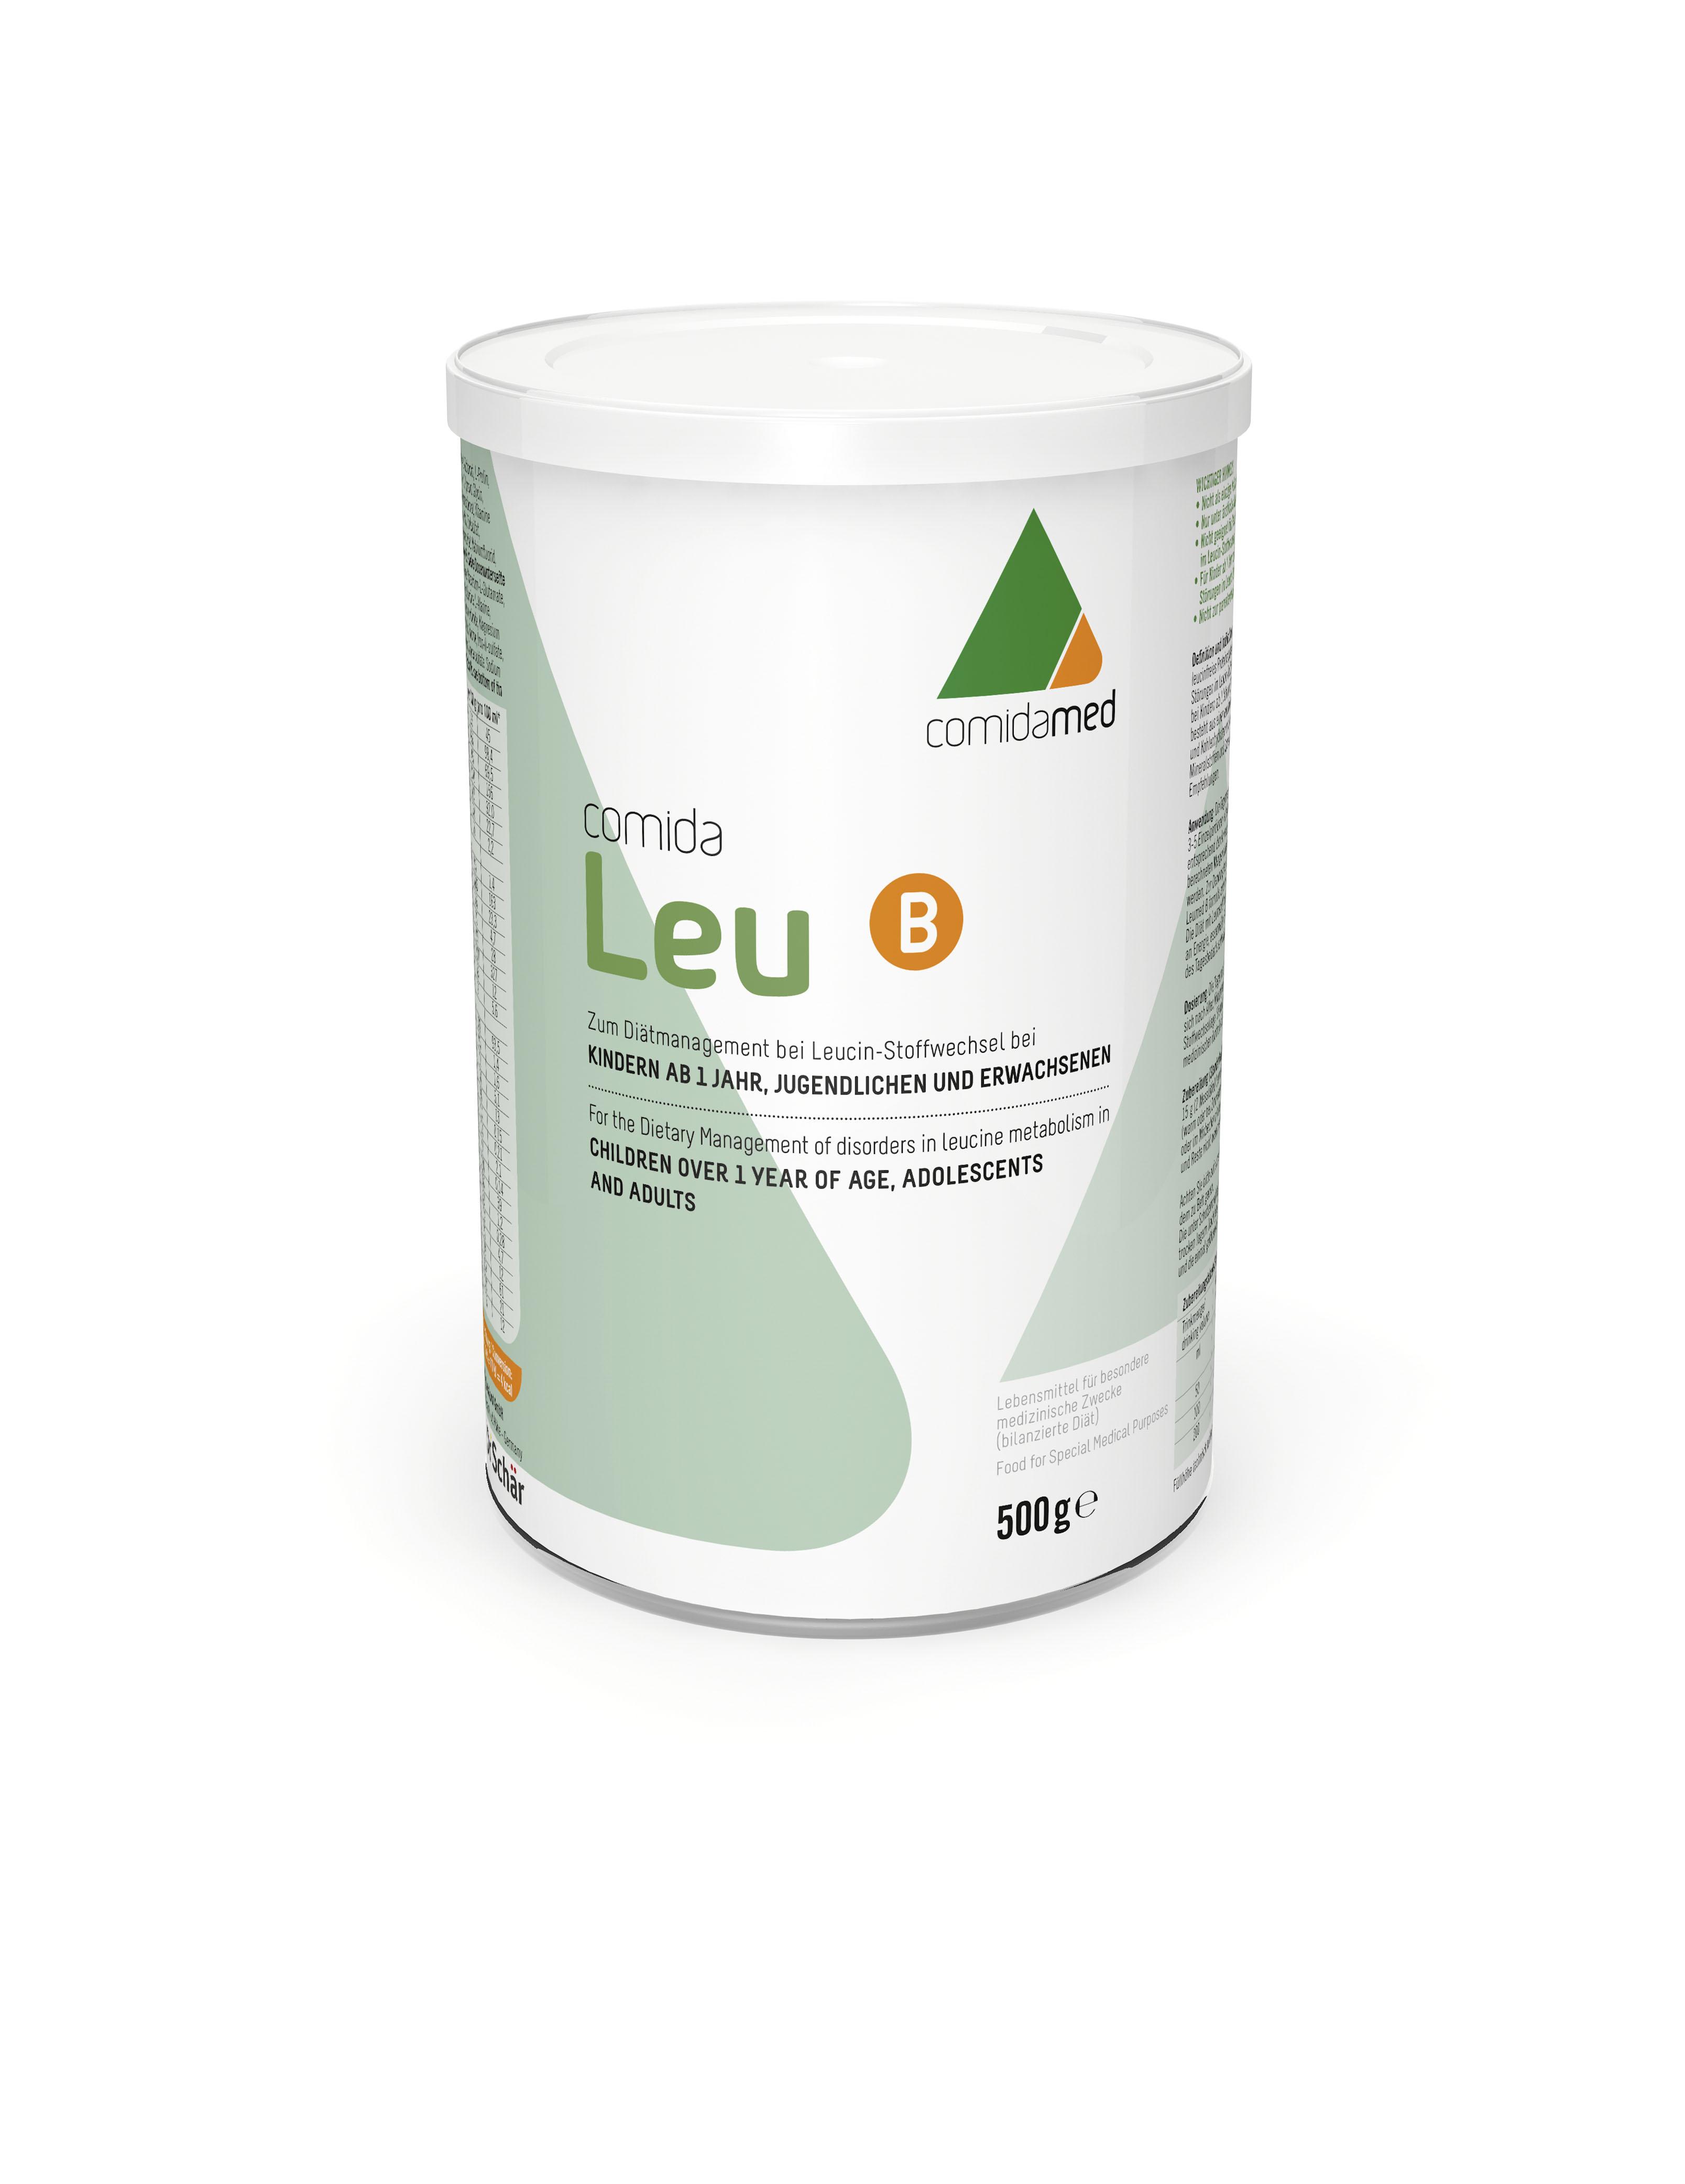 comida-Leu B